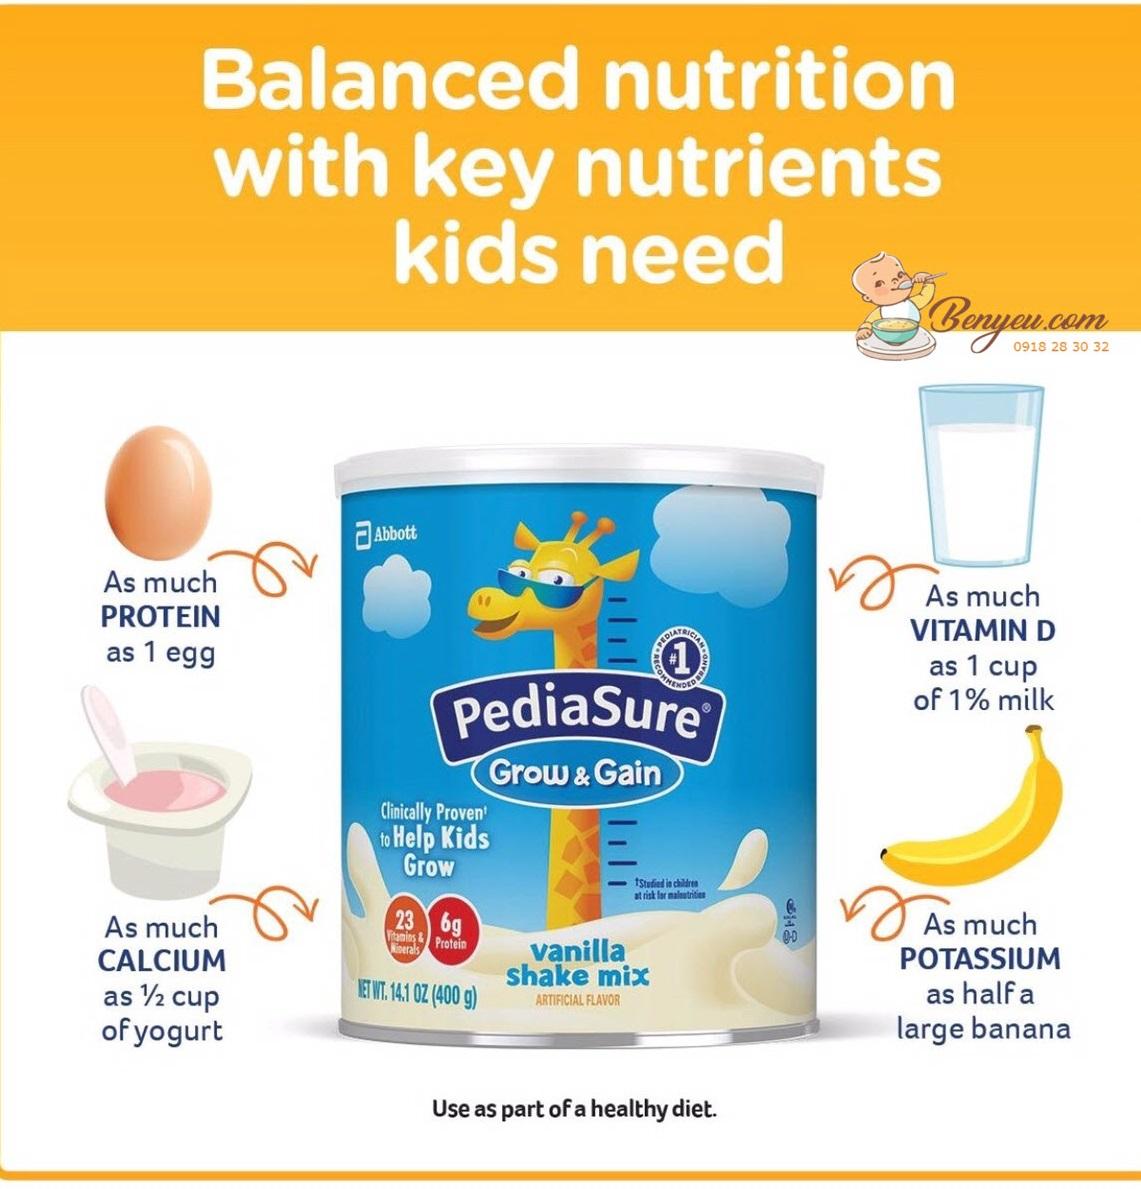 Sữa pediasure chứa nguồn dinh dưỡng hơn các thực phẩm hằng ngày